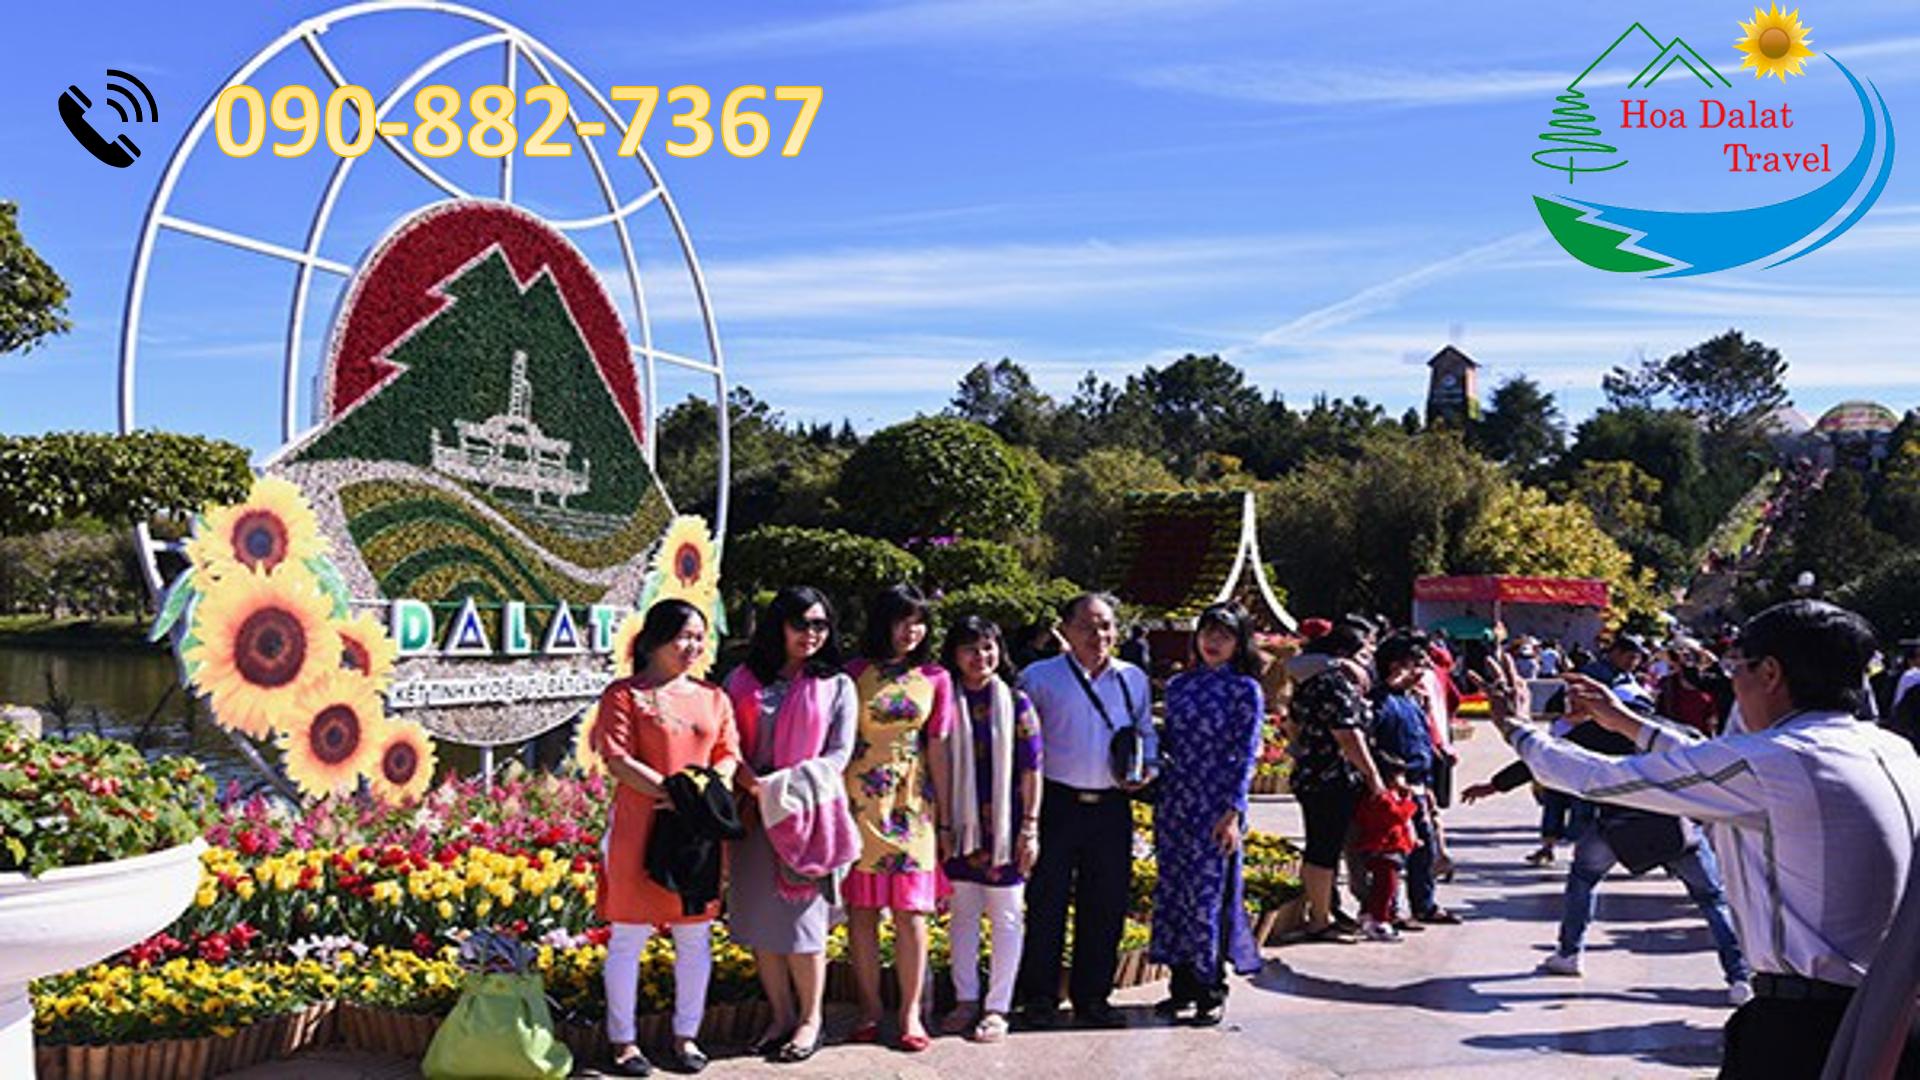 Số điện thoại đặt tour du lịch Đà Lạt